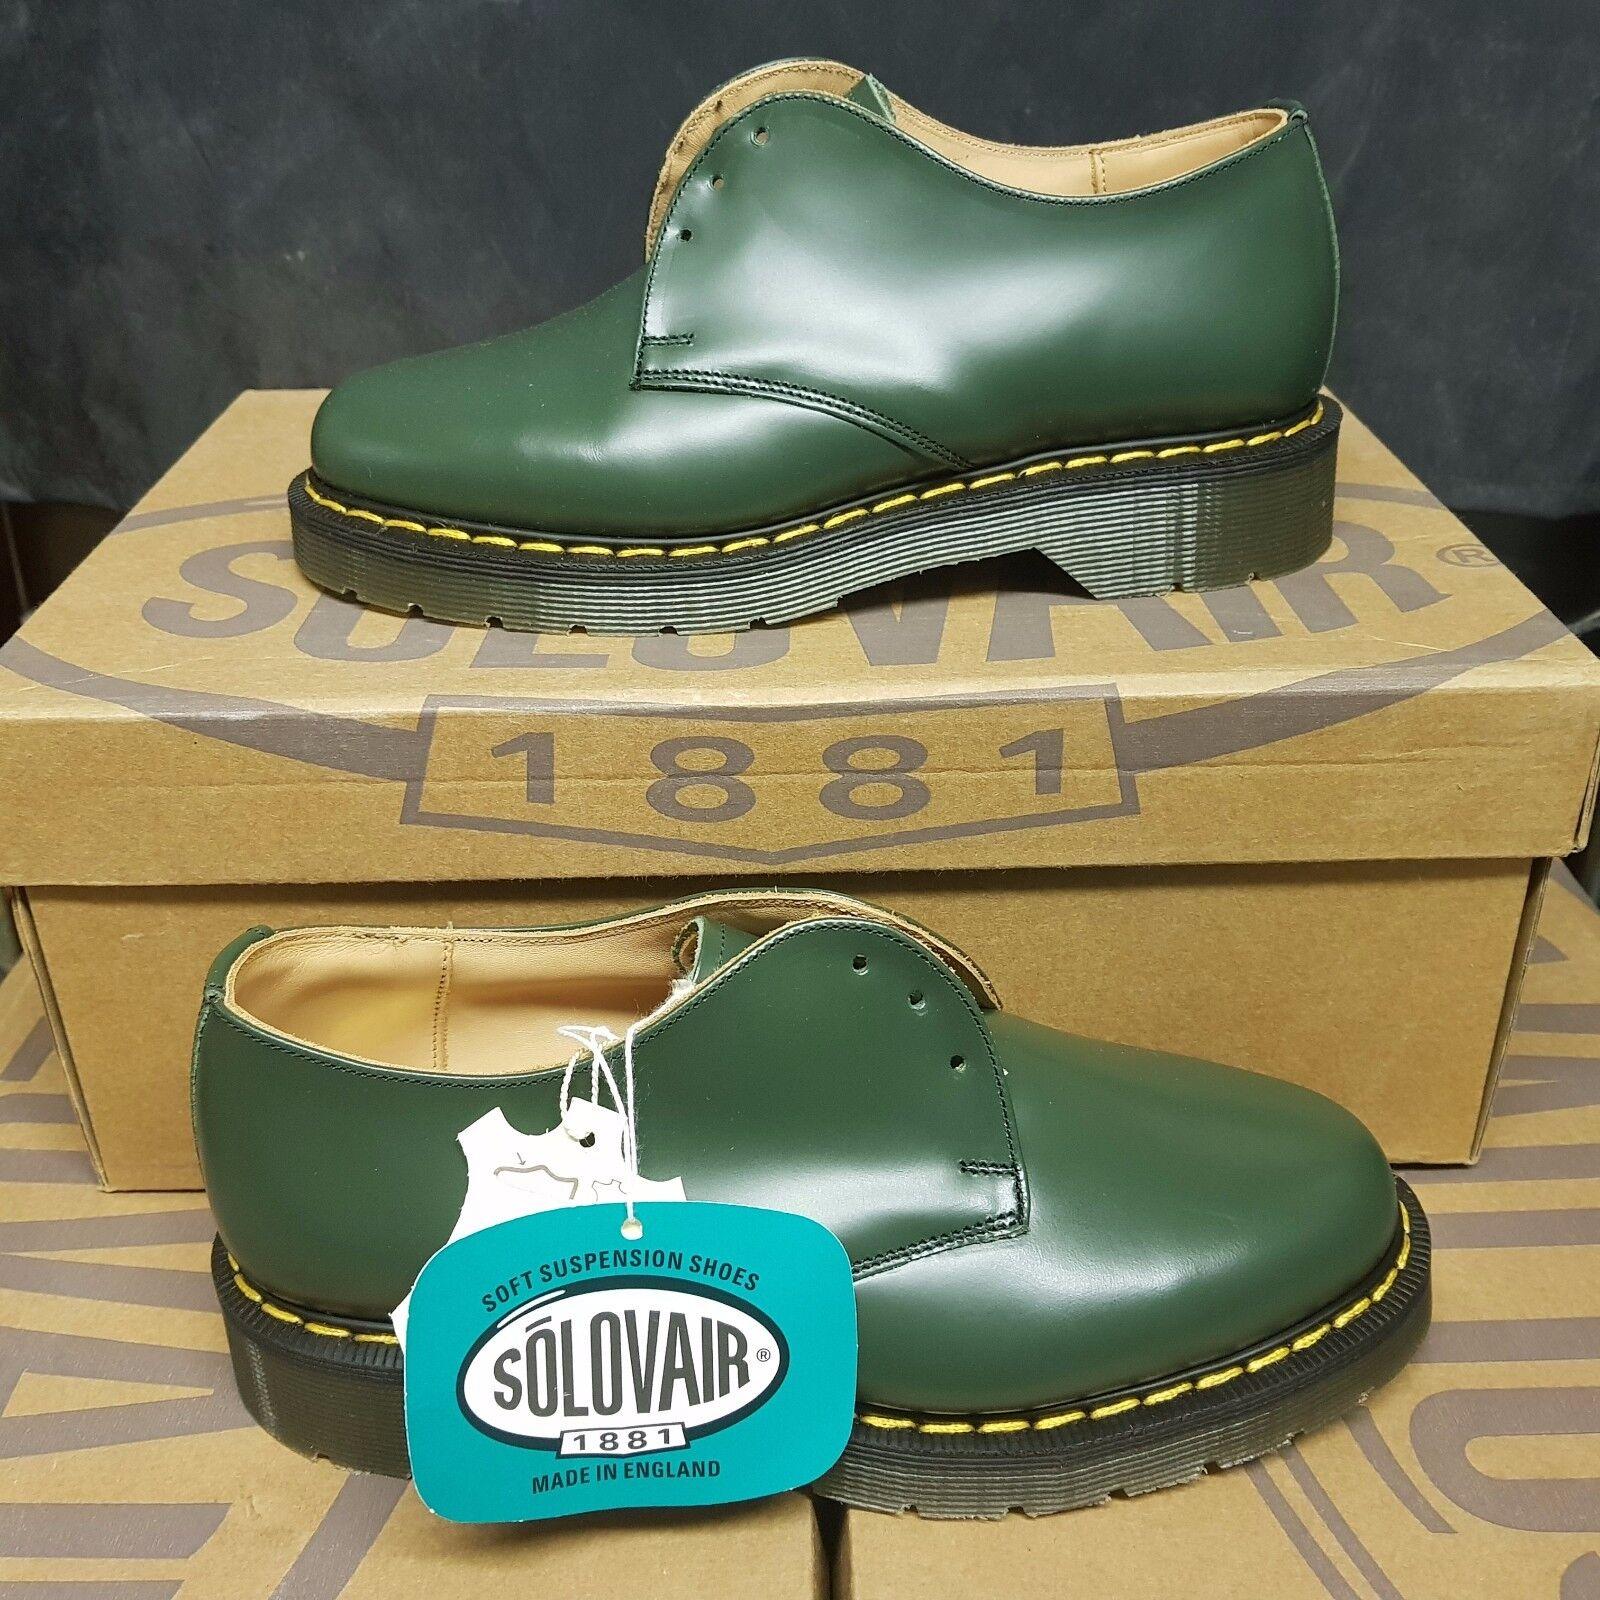 SOLOVAIR 3 Eye hommes femmes chaussures vert UK 3,5 EUR 36 (pv 145£)